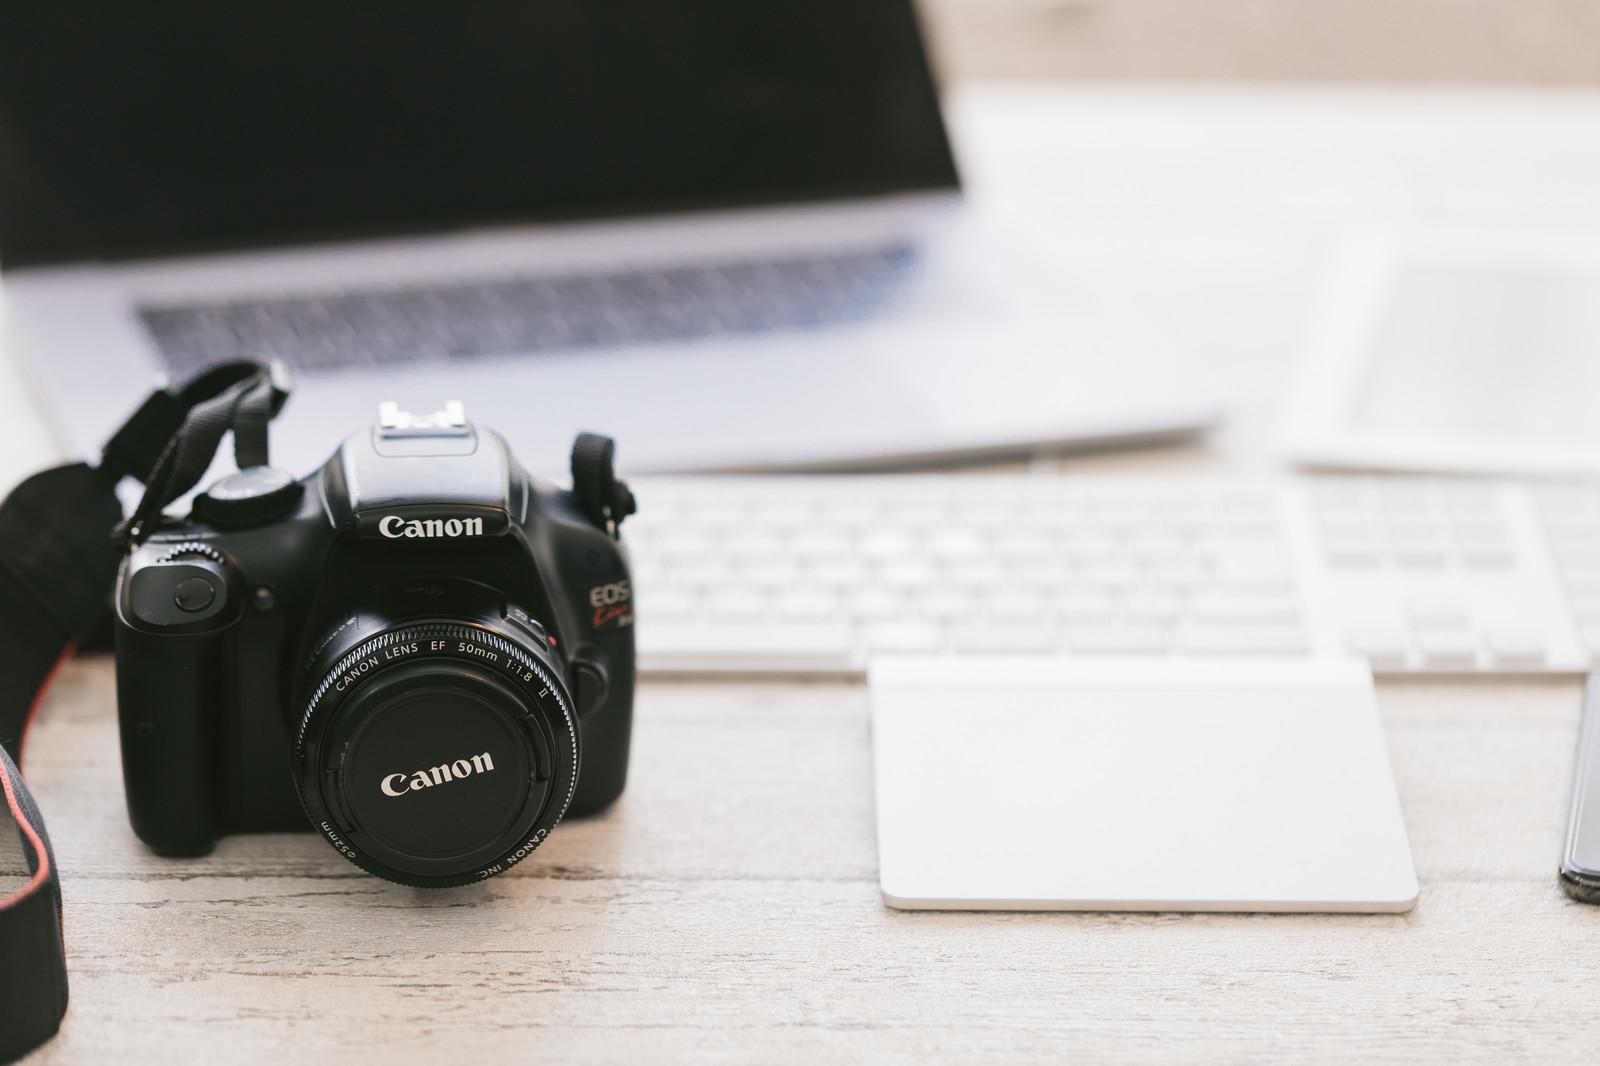 ミラーレスカメラ市場の今後の展開